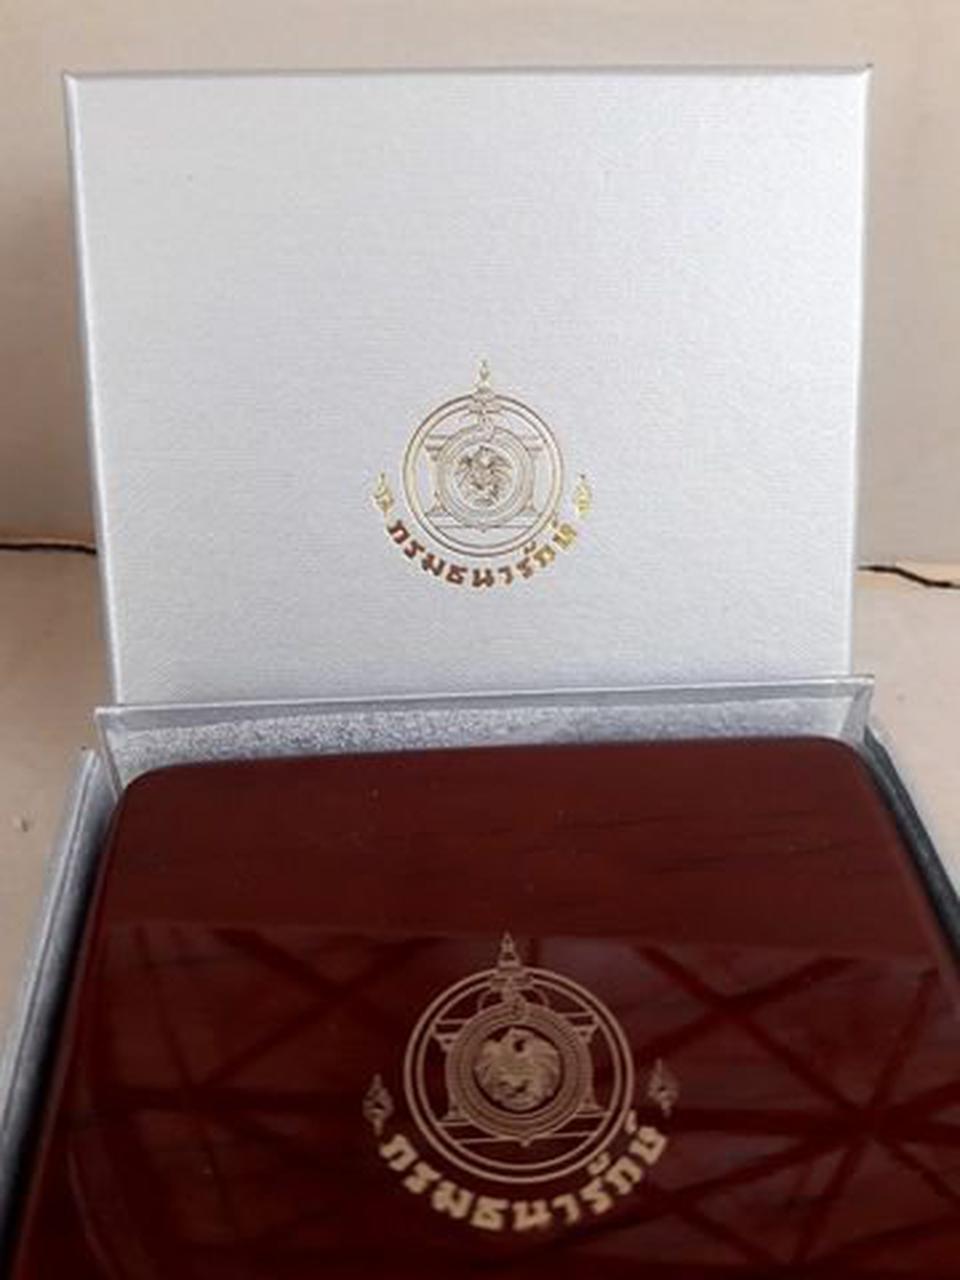 เหรียญที่ระลึกในหลวงร.9 ครองราชย์ครบ 70 ปี เนื้อเงิน (เหรียญรุ่นสุดท้ายที่ทันพระองค์) รูปที่ 2